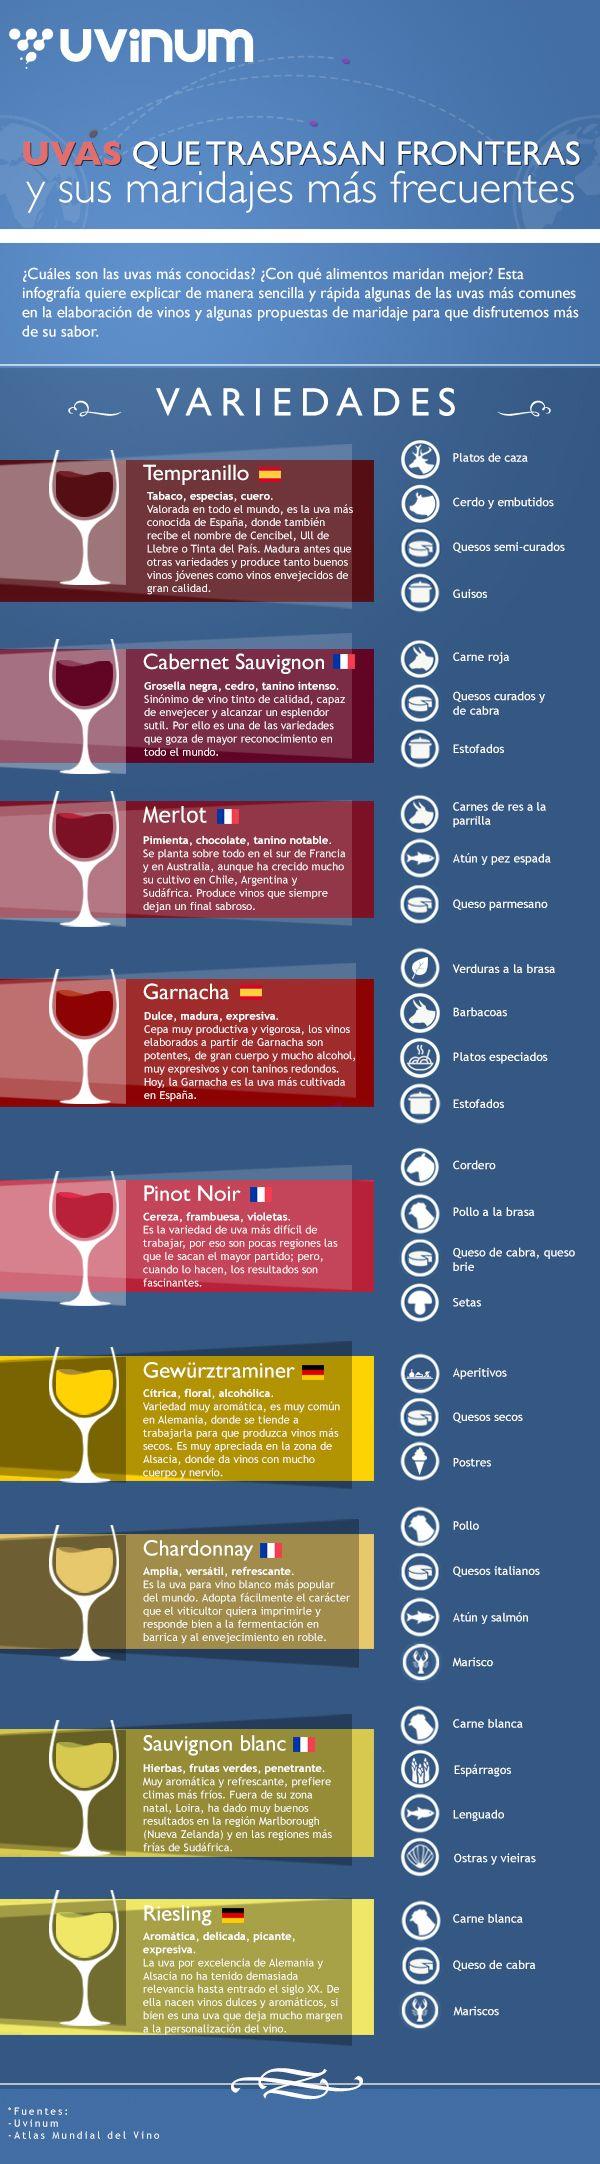 Infografía vinos: uvas y maridaje por Uvinum